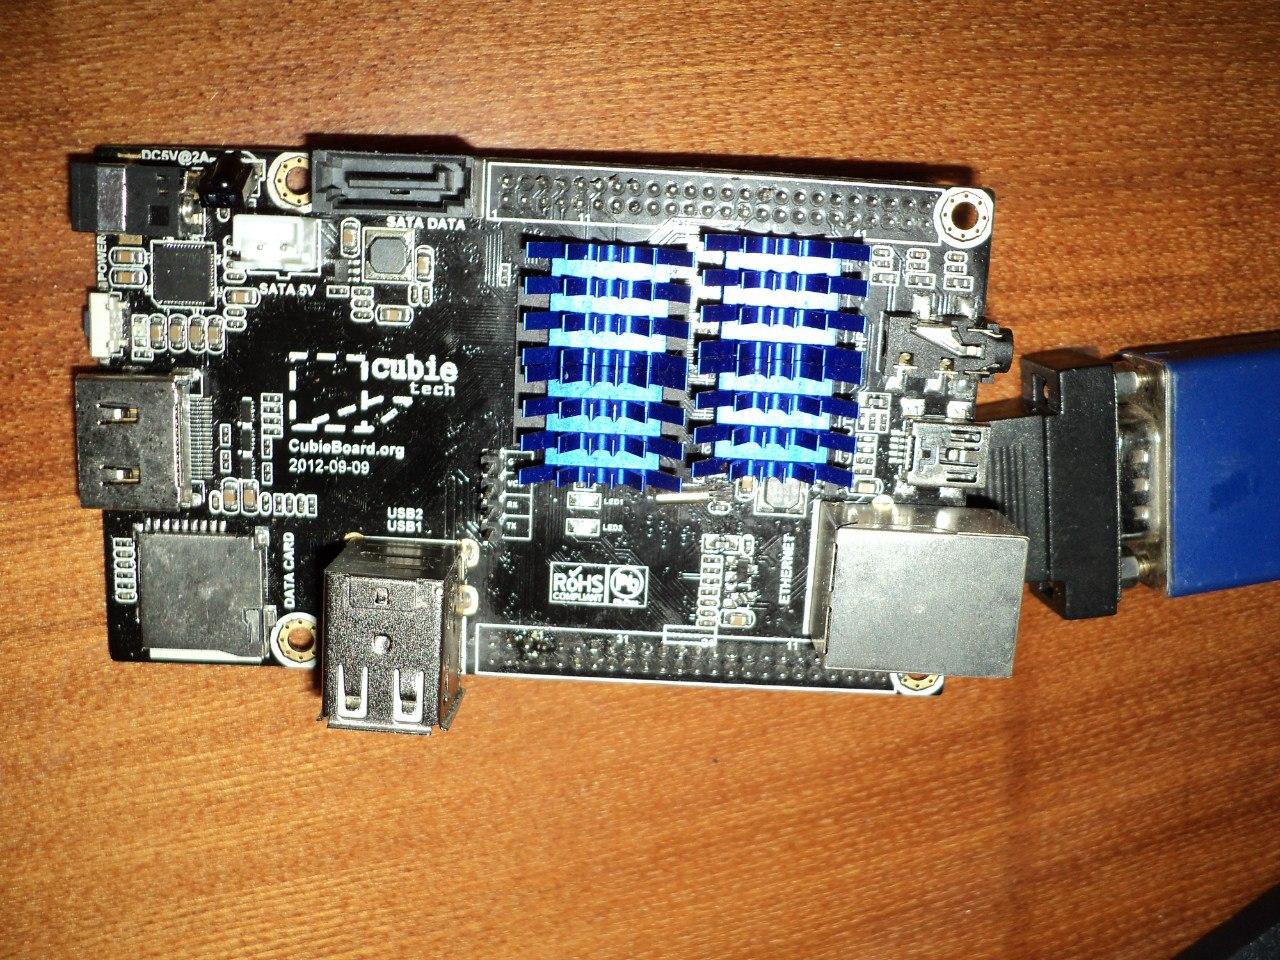 схема usb-debug кабеля